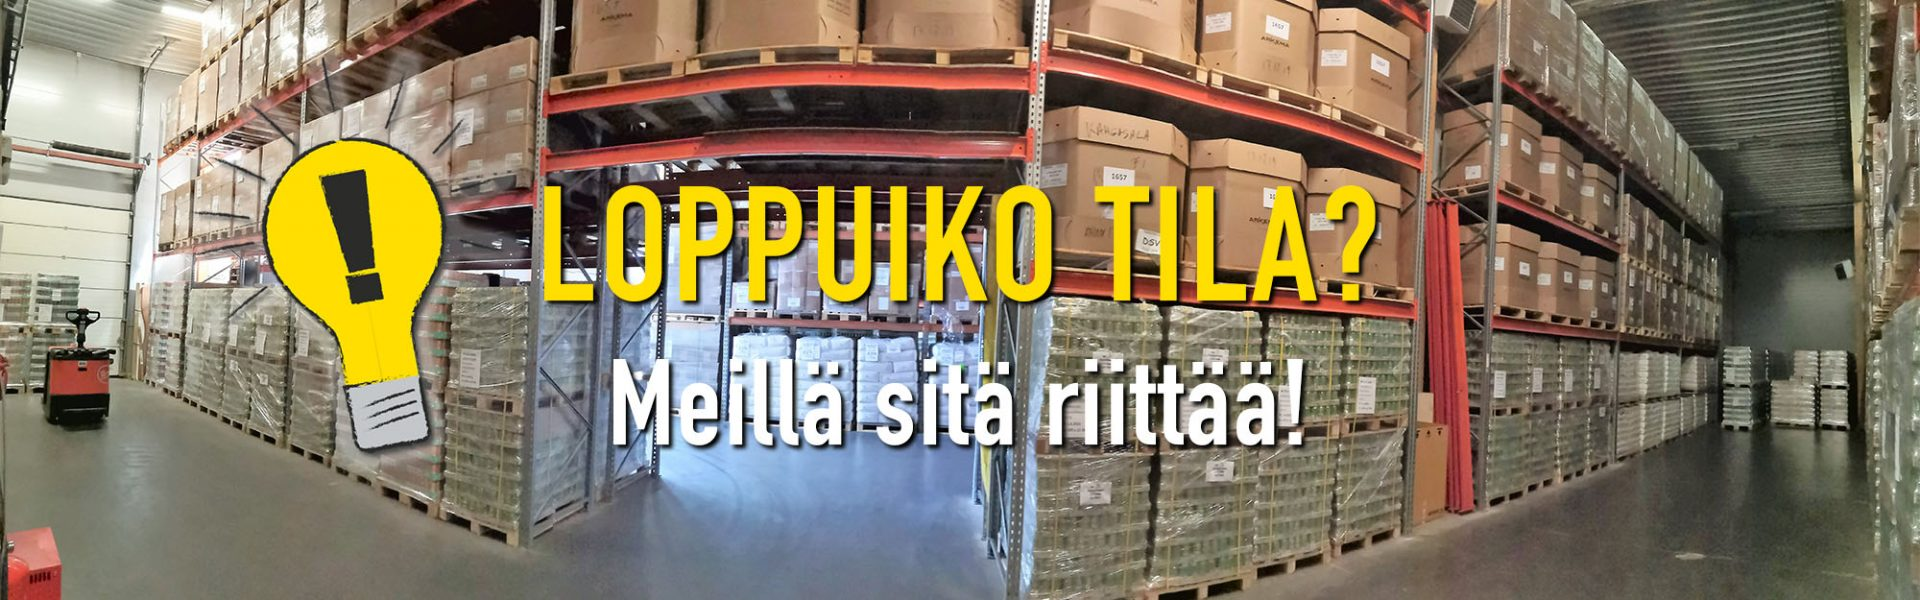 Varasto- ja tavarahotelli yksityisille ja yrityksille | Kangasala-Tampere